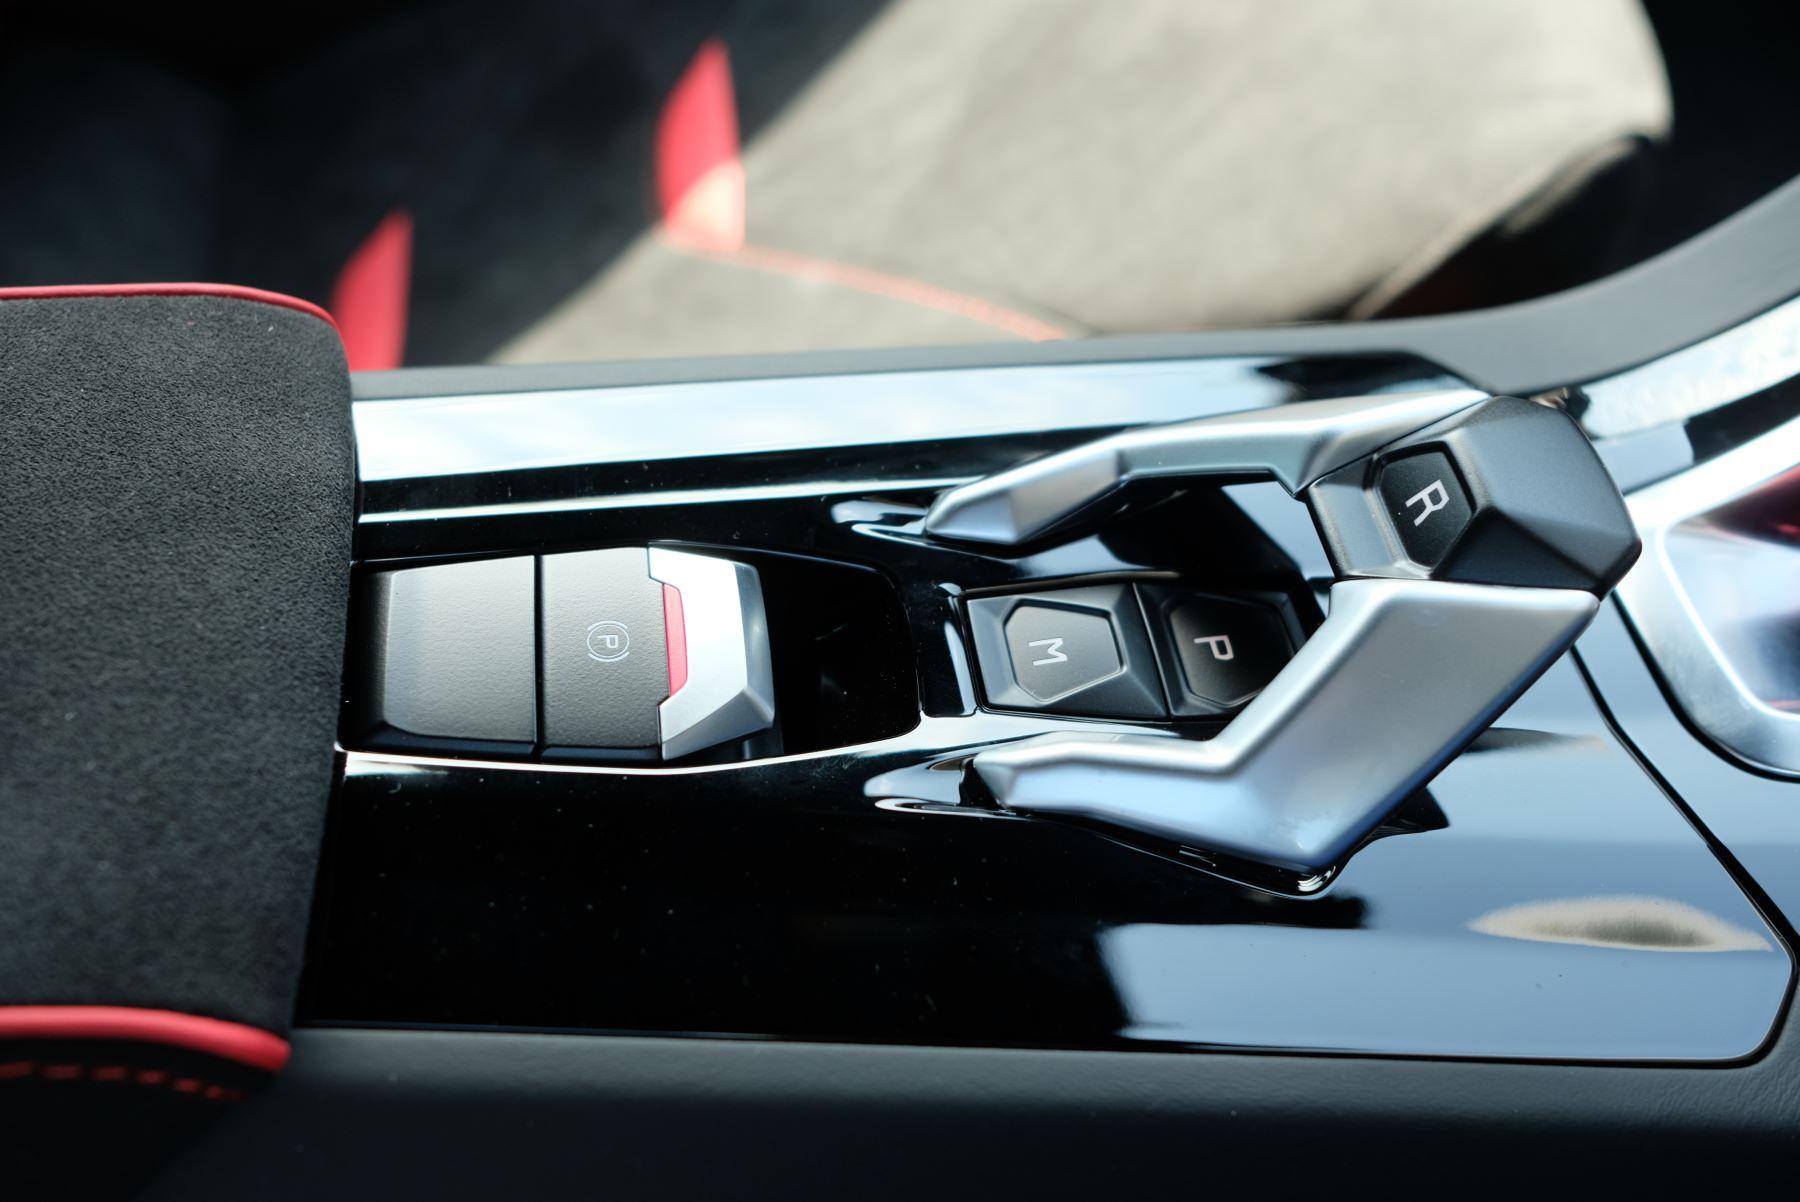 Lamborghini Huracan EVO LP 640-4 5.2 AWD image 27